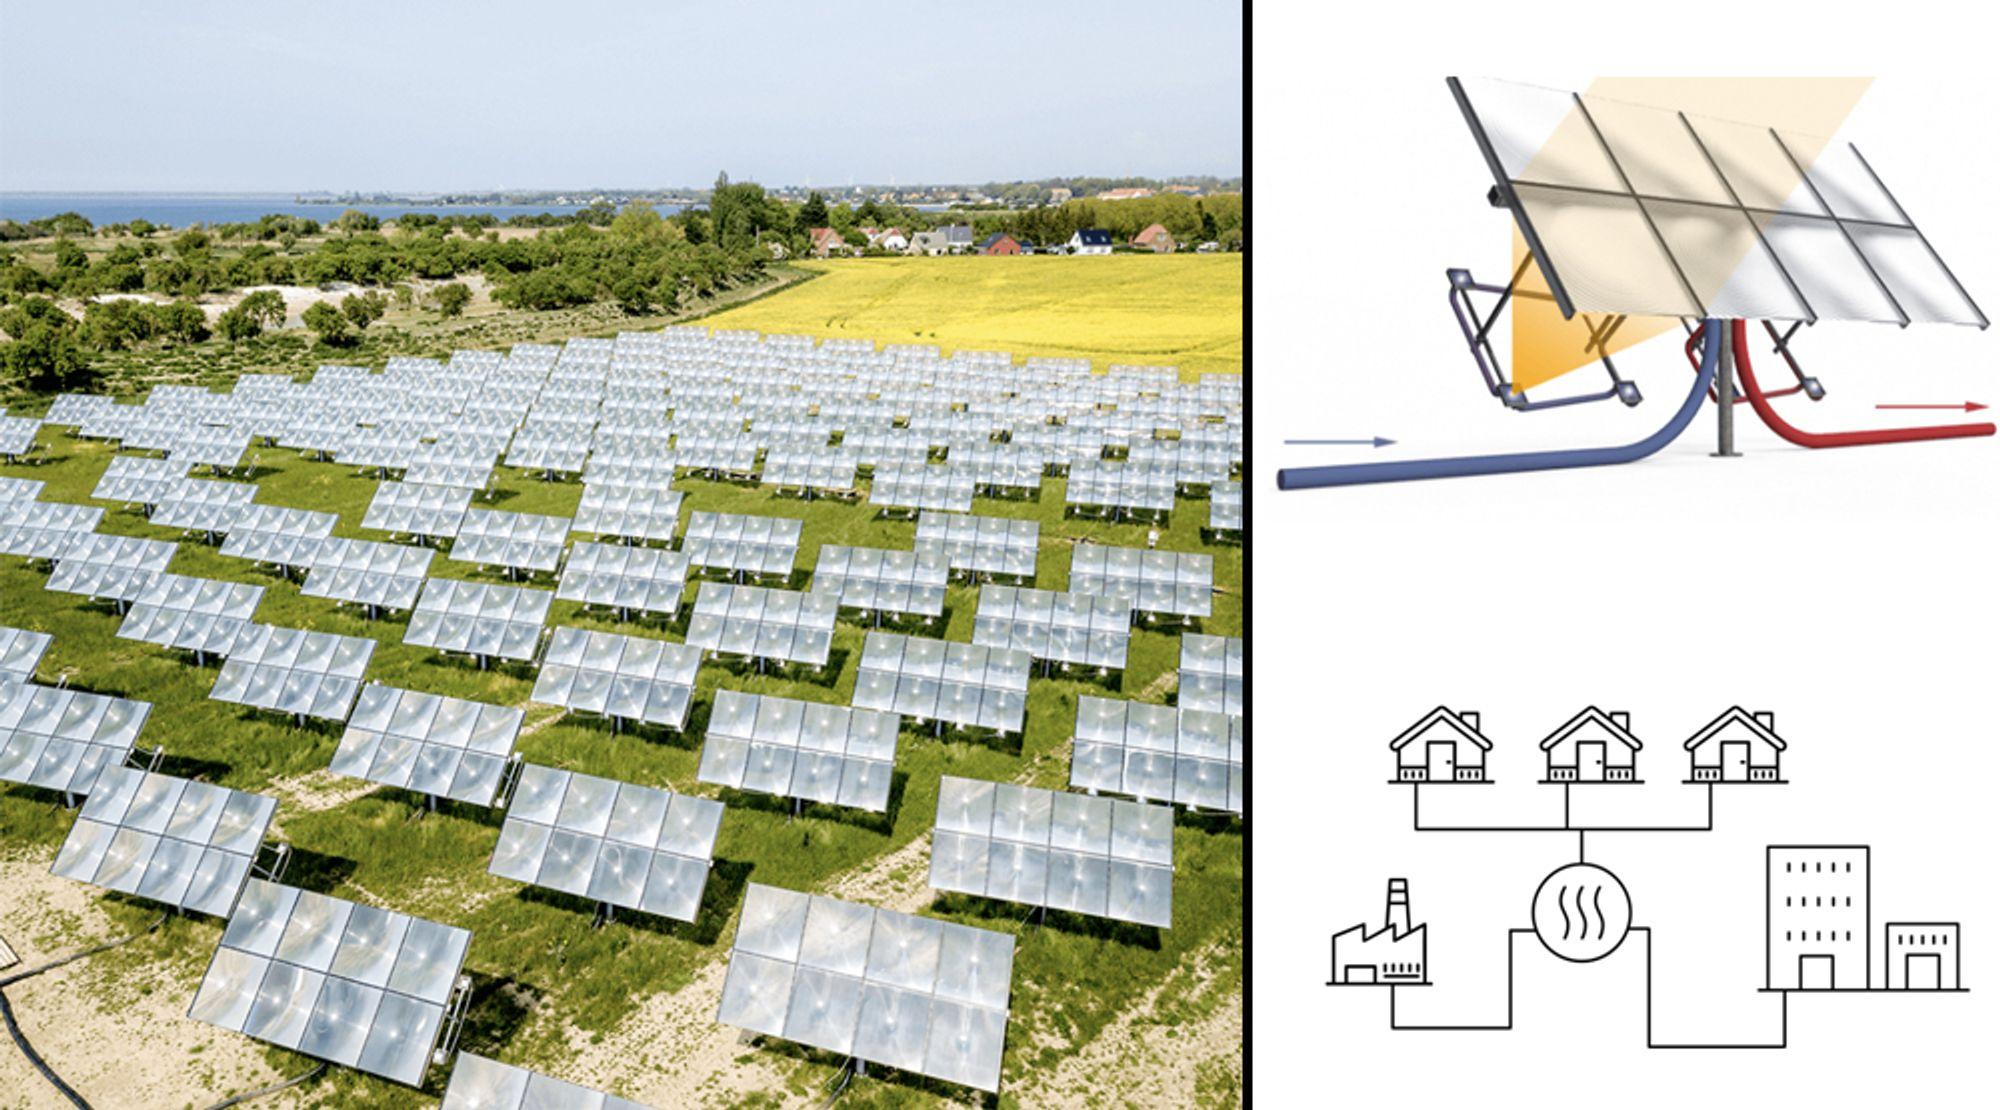 Heliacs solfangere består av en glassplate som absorberer det meste av de skadelige UV-strålene i sollyset. Dette gjør at plastfolien på undersiden ikke blir brutt ned så raskt.